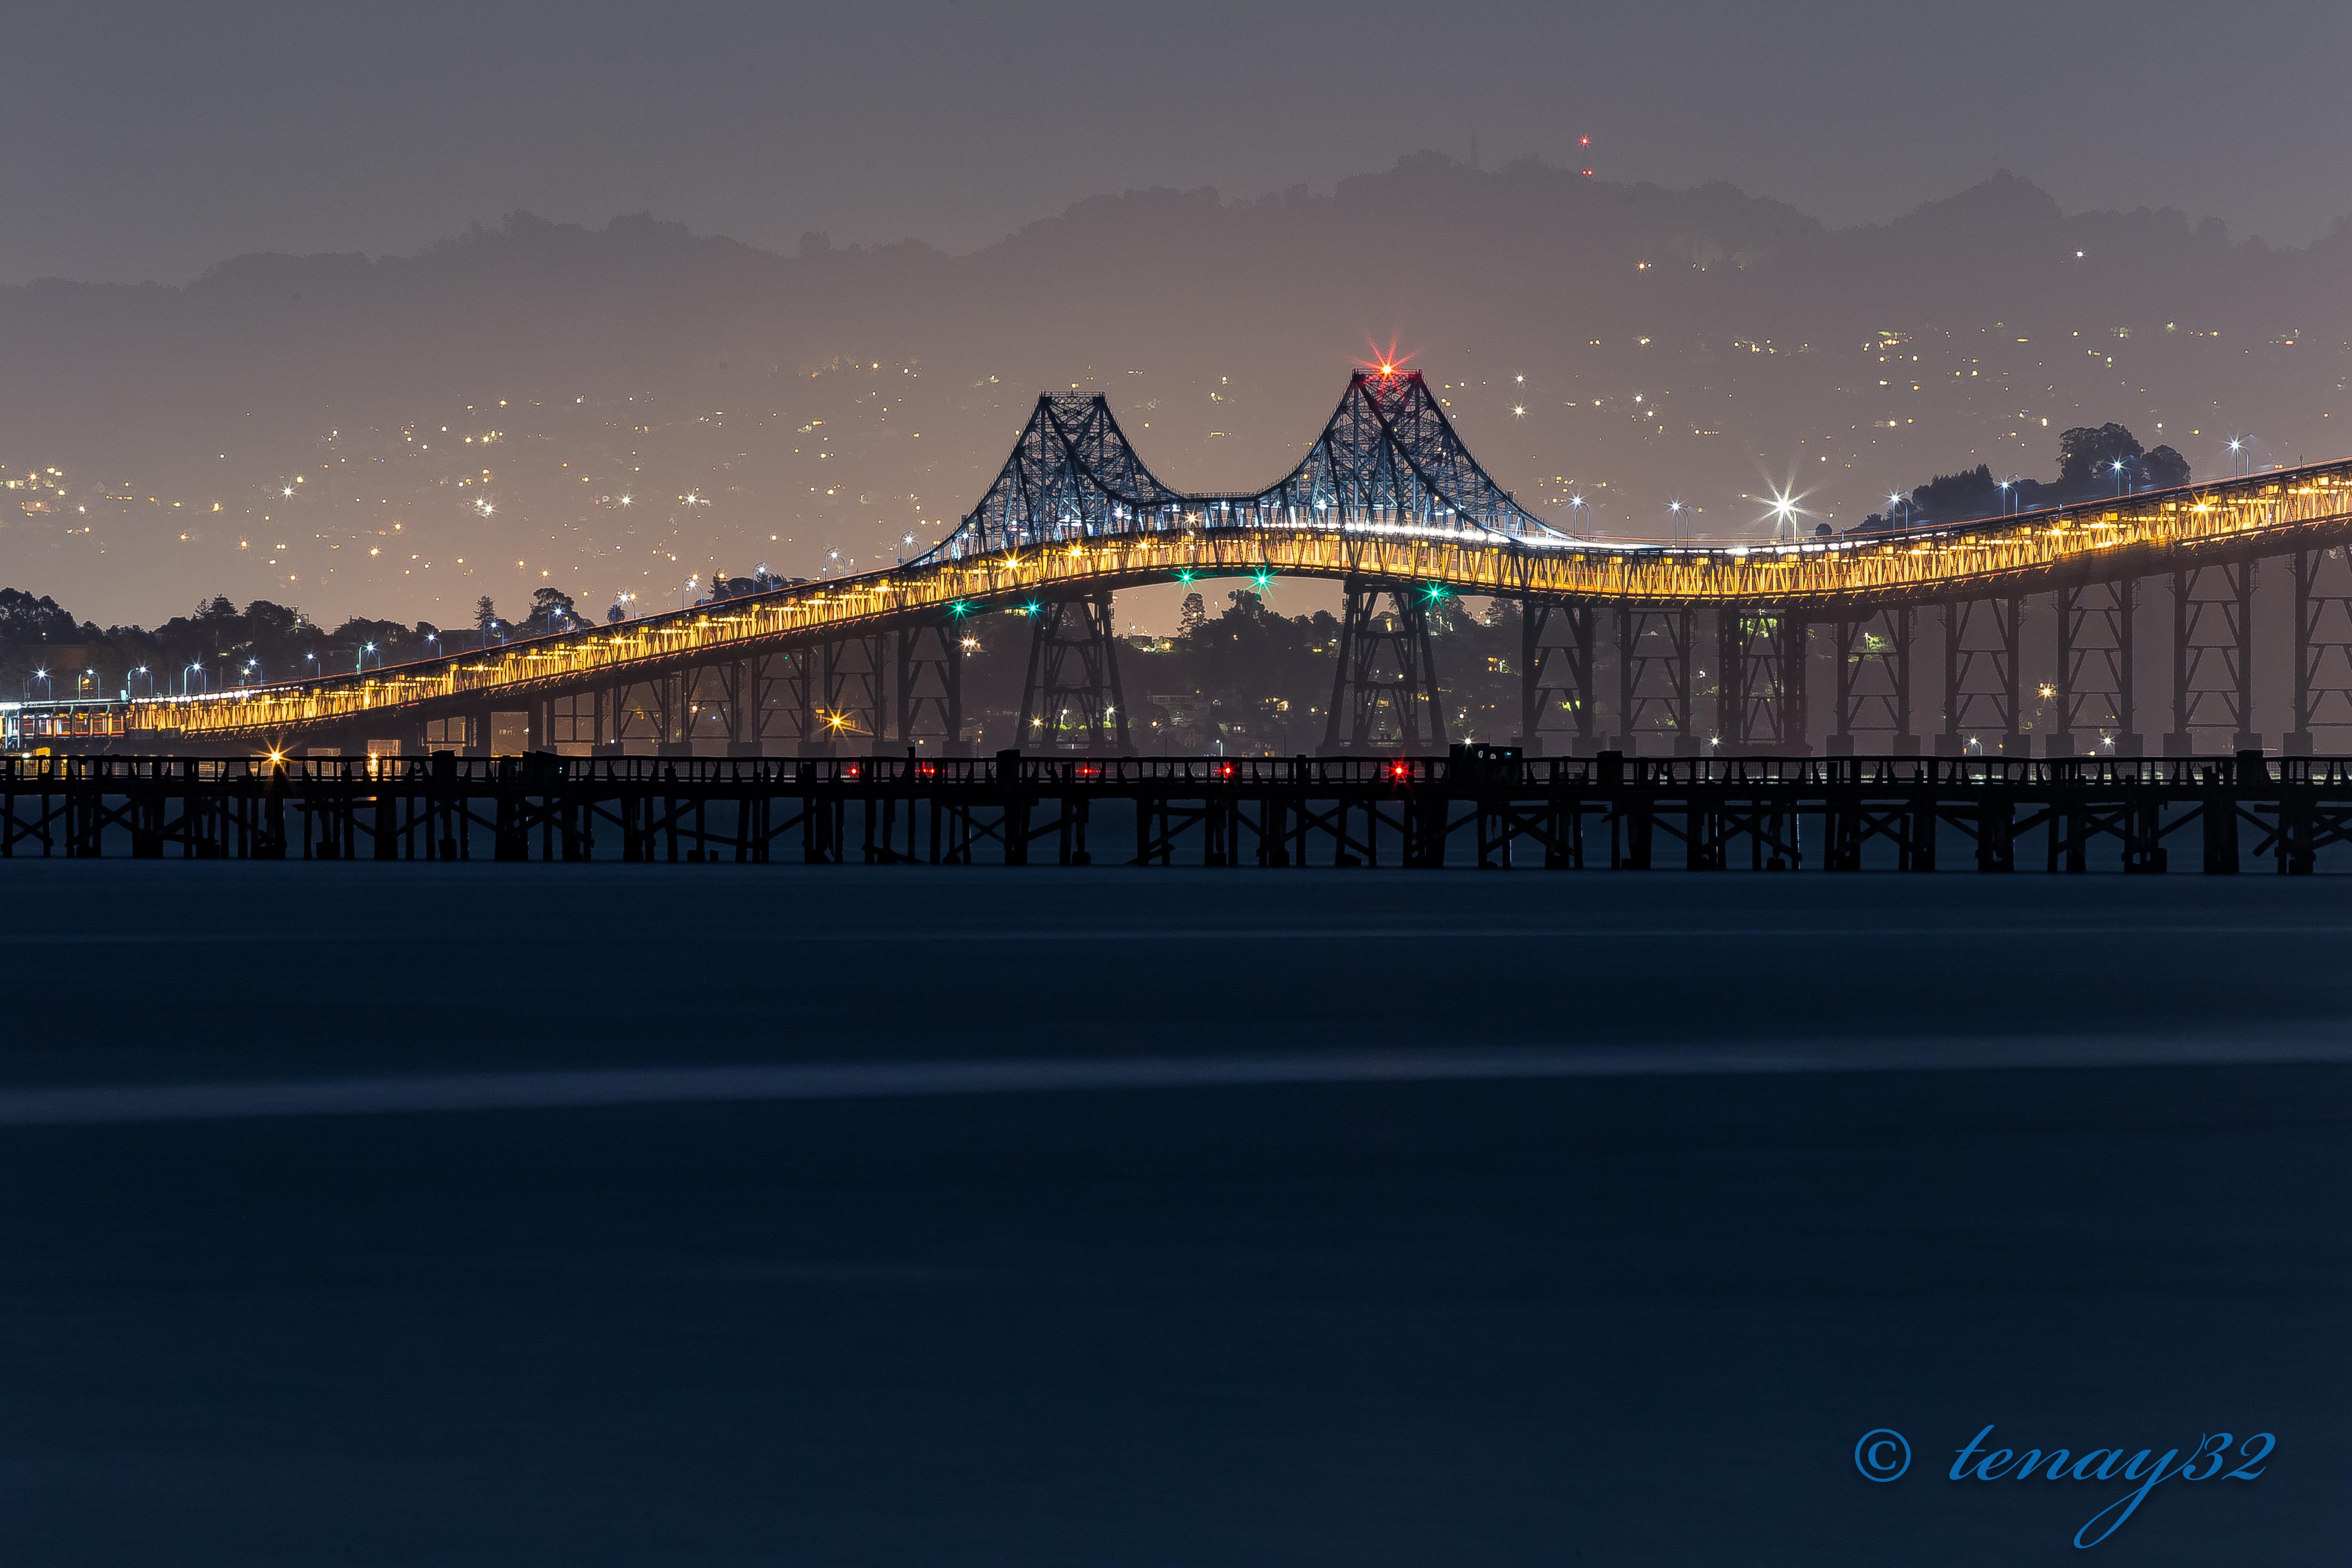 bridgesthatconnectus